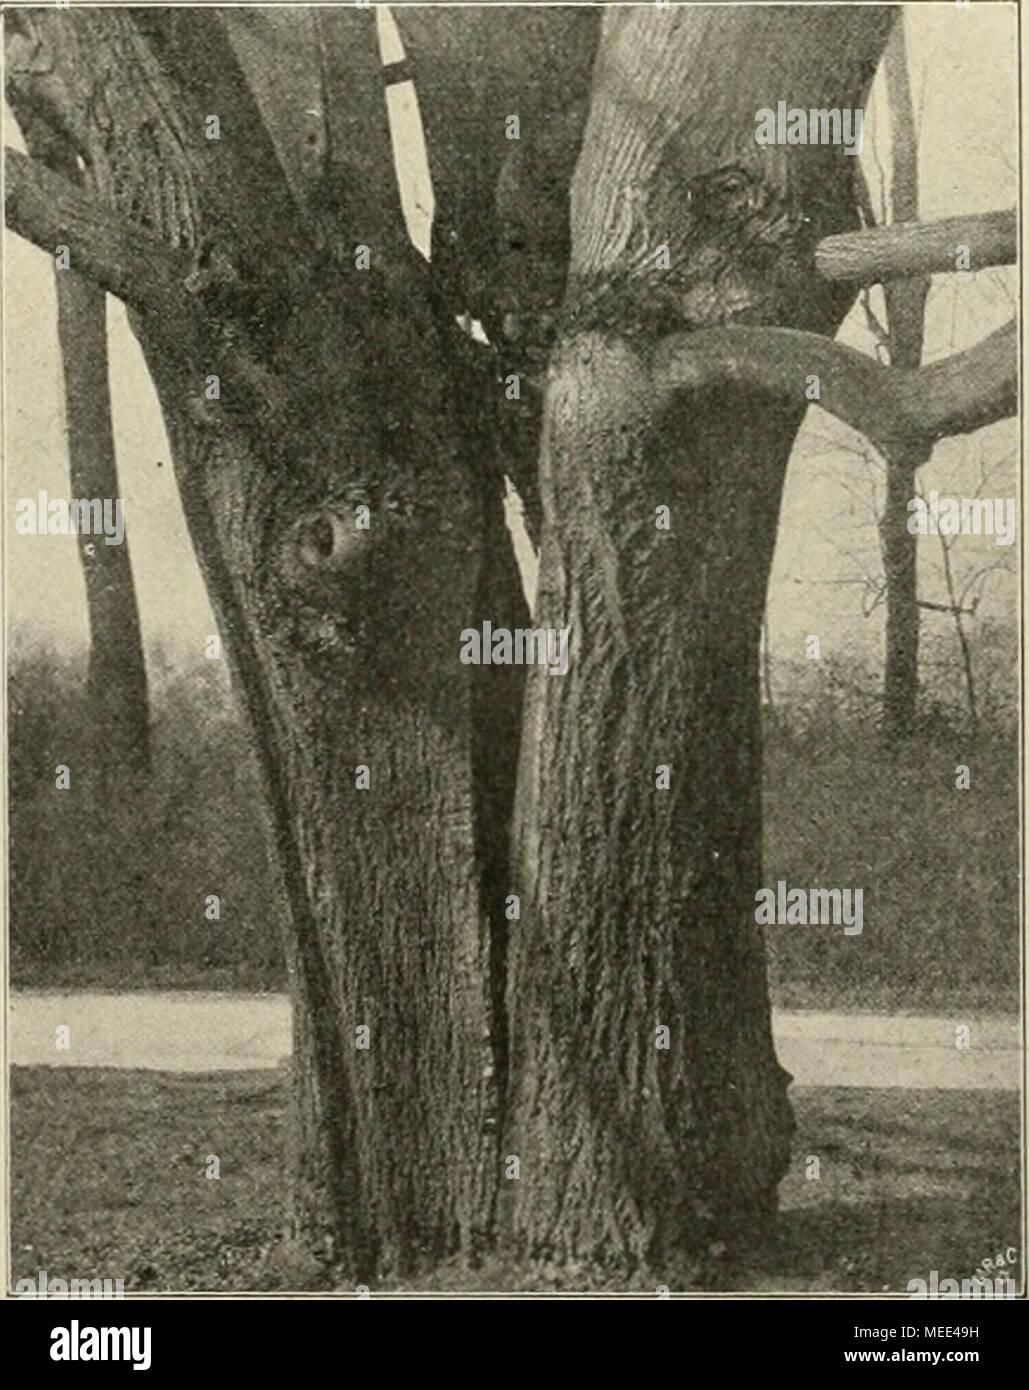 Das Durch Stockfotos & Das Durch Bilder - Seite 10 - Alamy